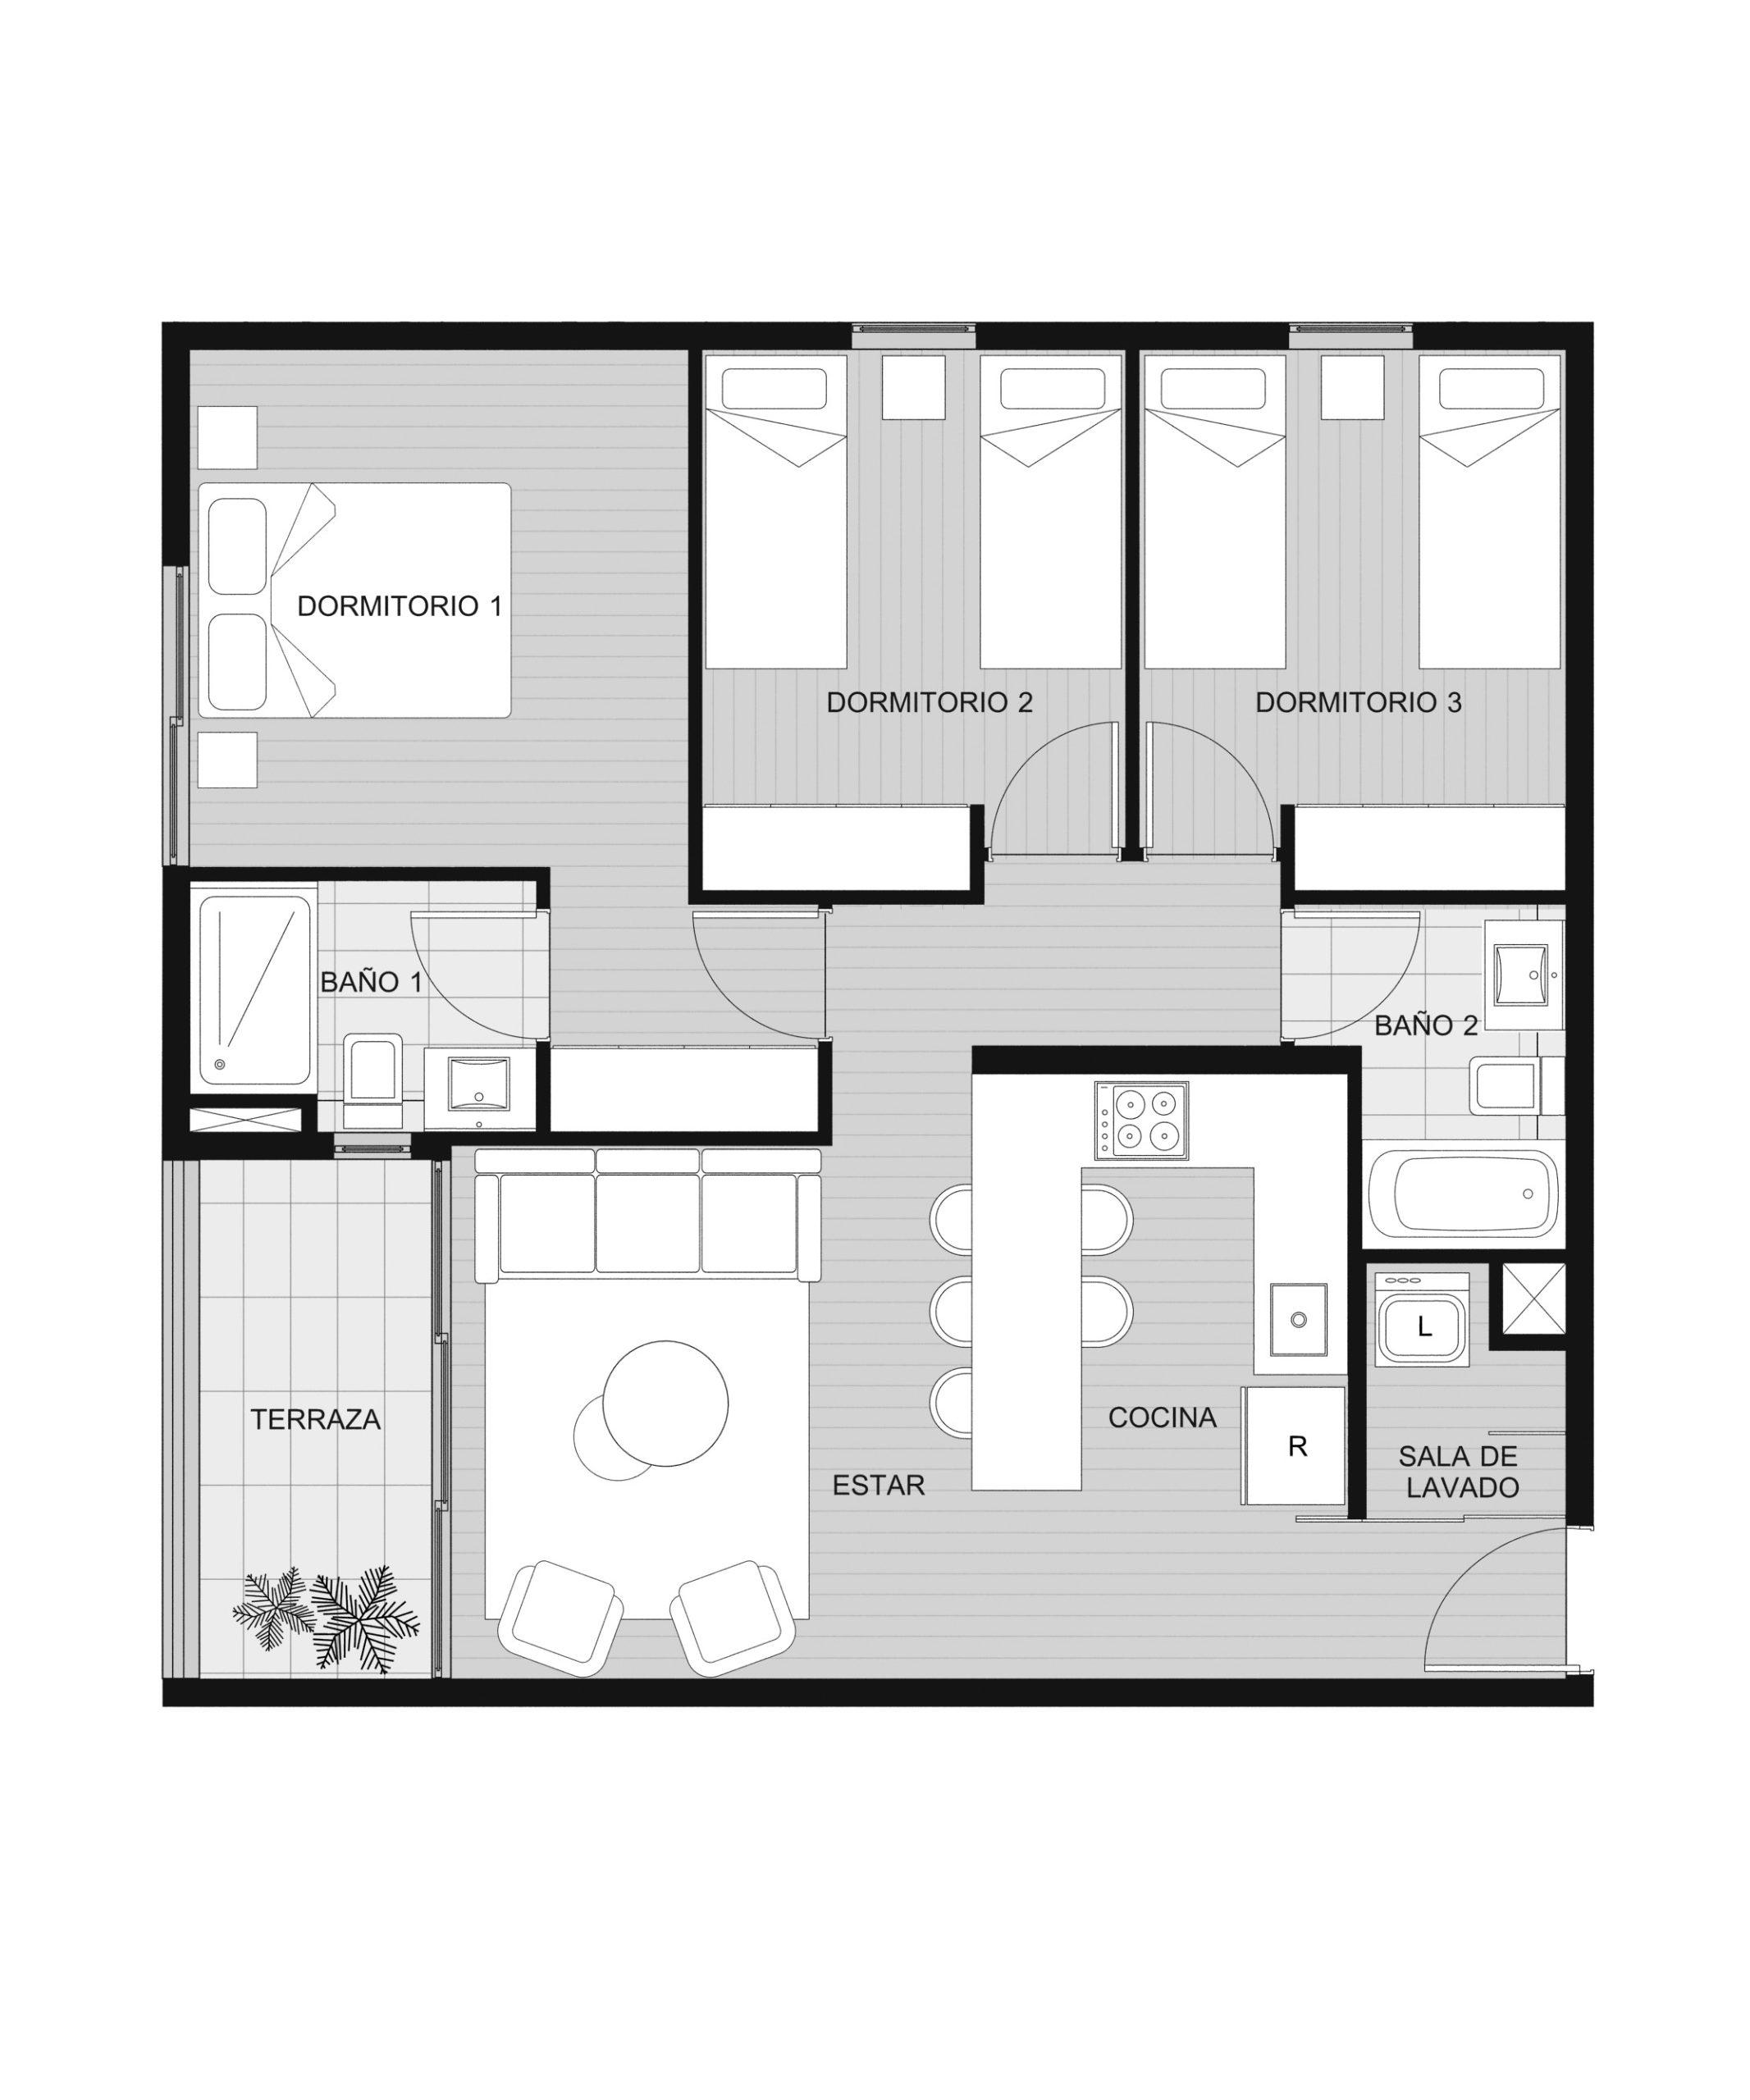 Condominio Playa Blanca - Depto A